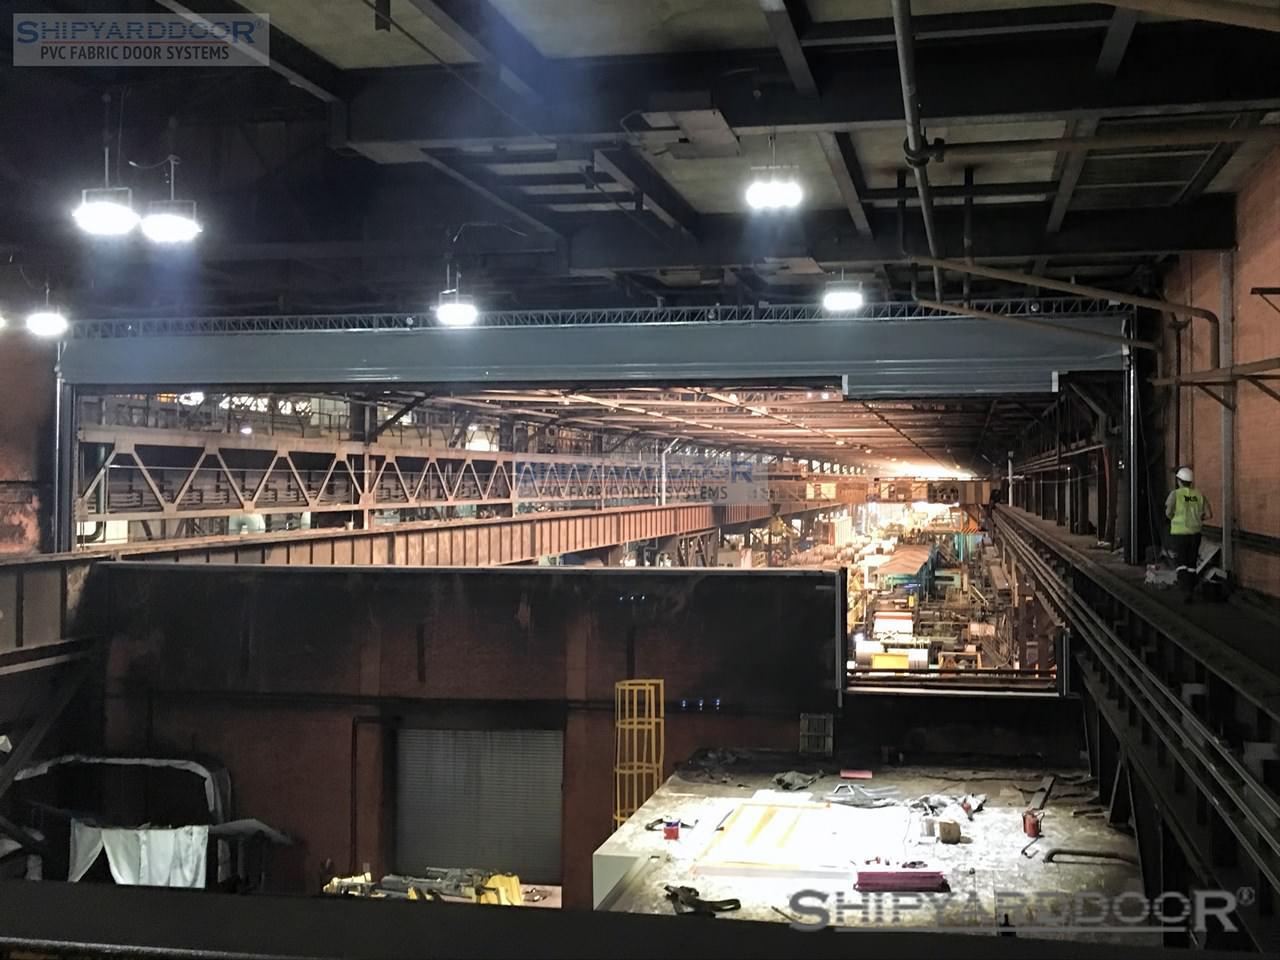 crane door shipyardoor en en shipyarddoor